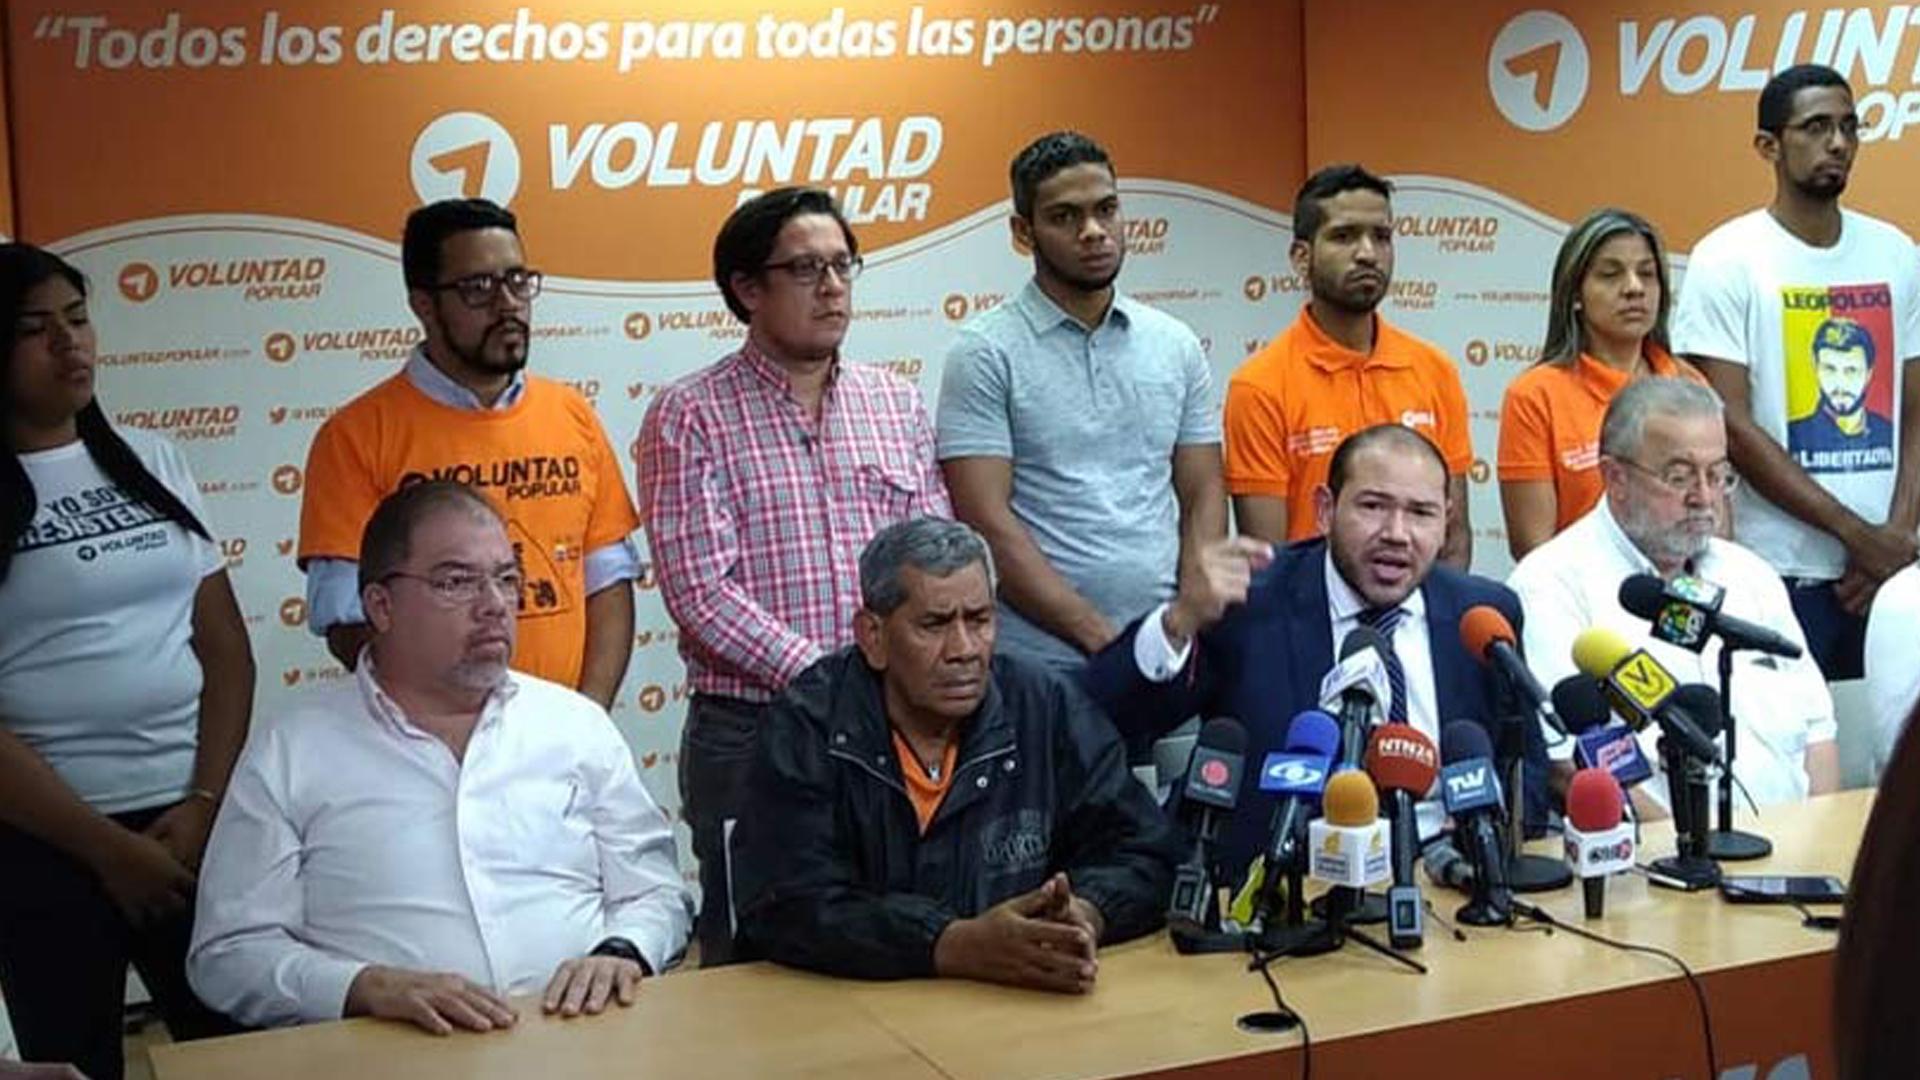 Voluntad Popular denunciará ante organismos internacionales ataque en Lara